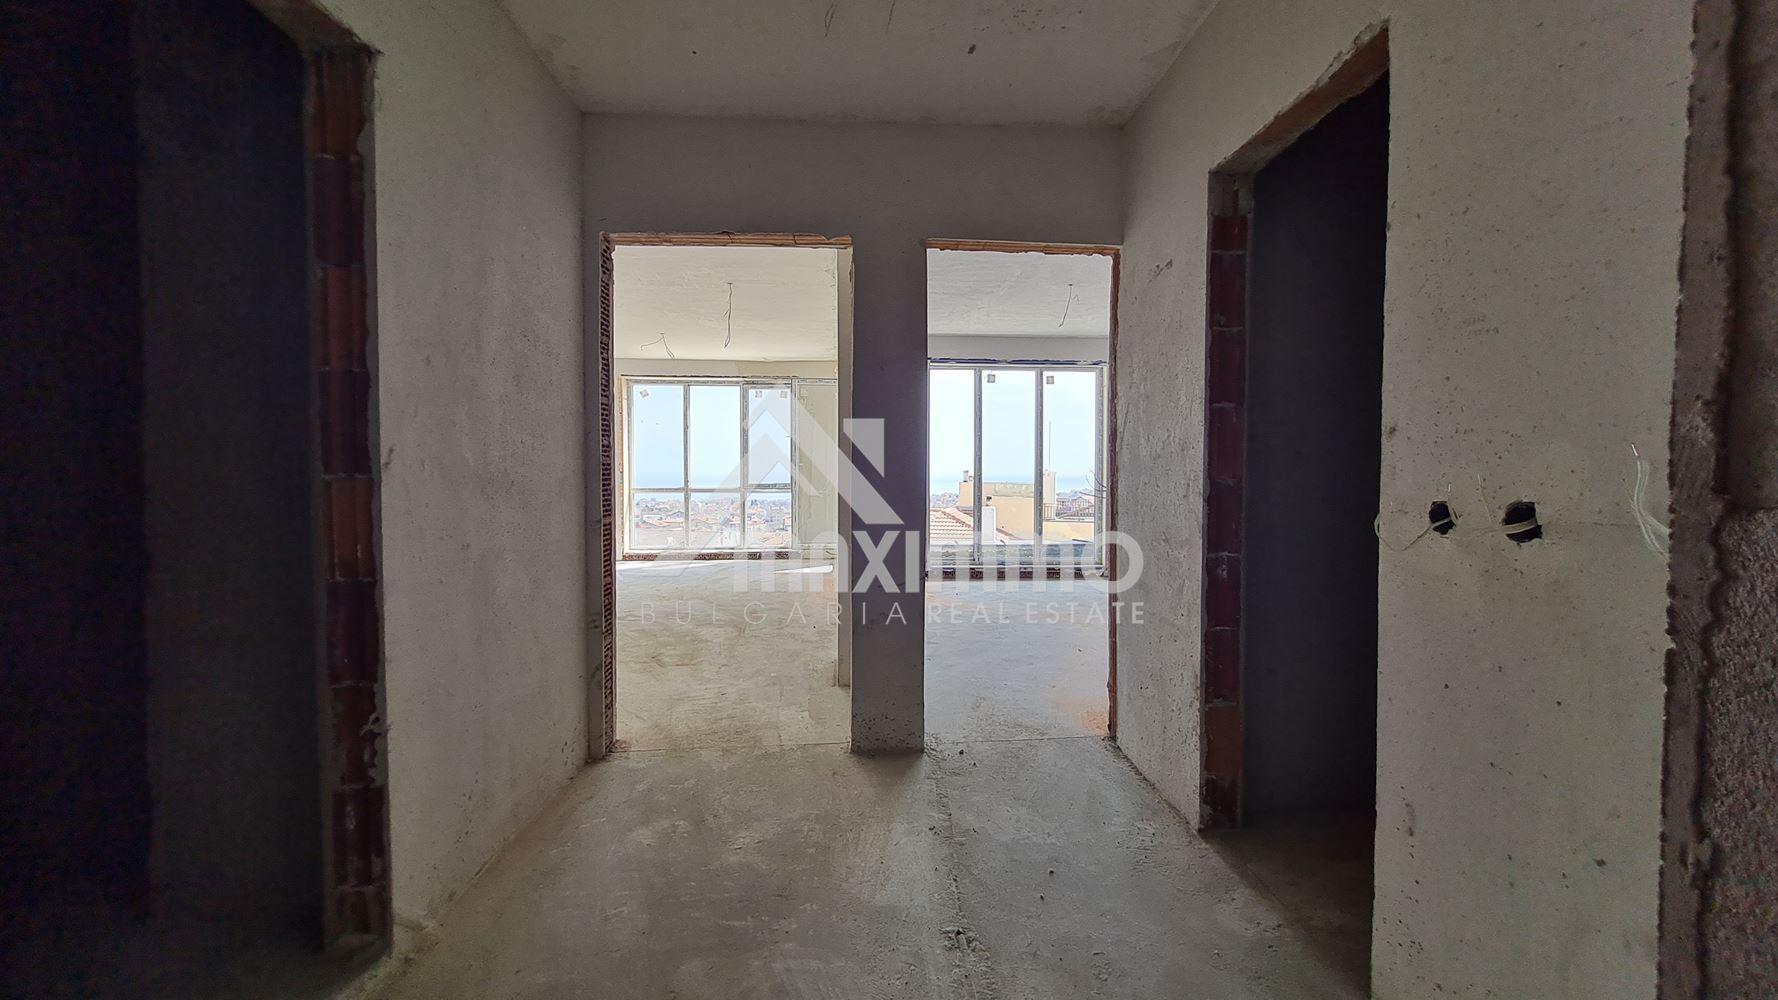 Най-ниската цена за района. Виница! Прекрасен двустаен апартамент, в новострояща се сграда. Подходящ за инвестиция!